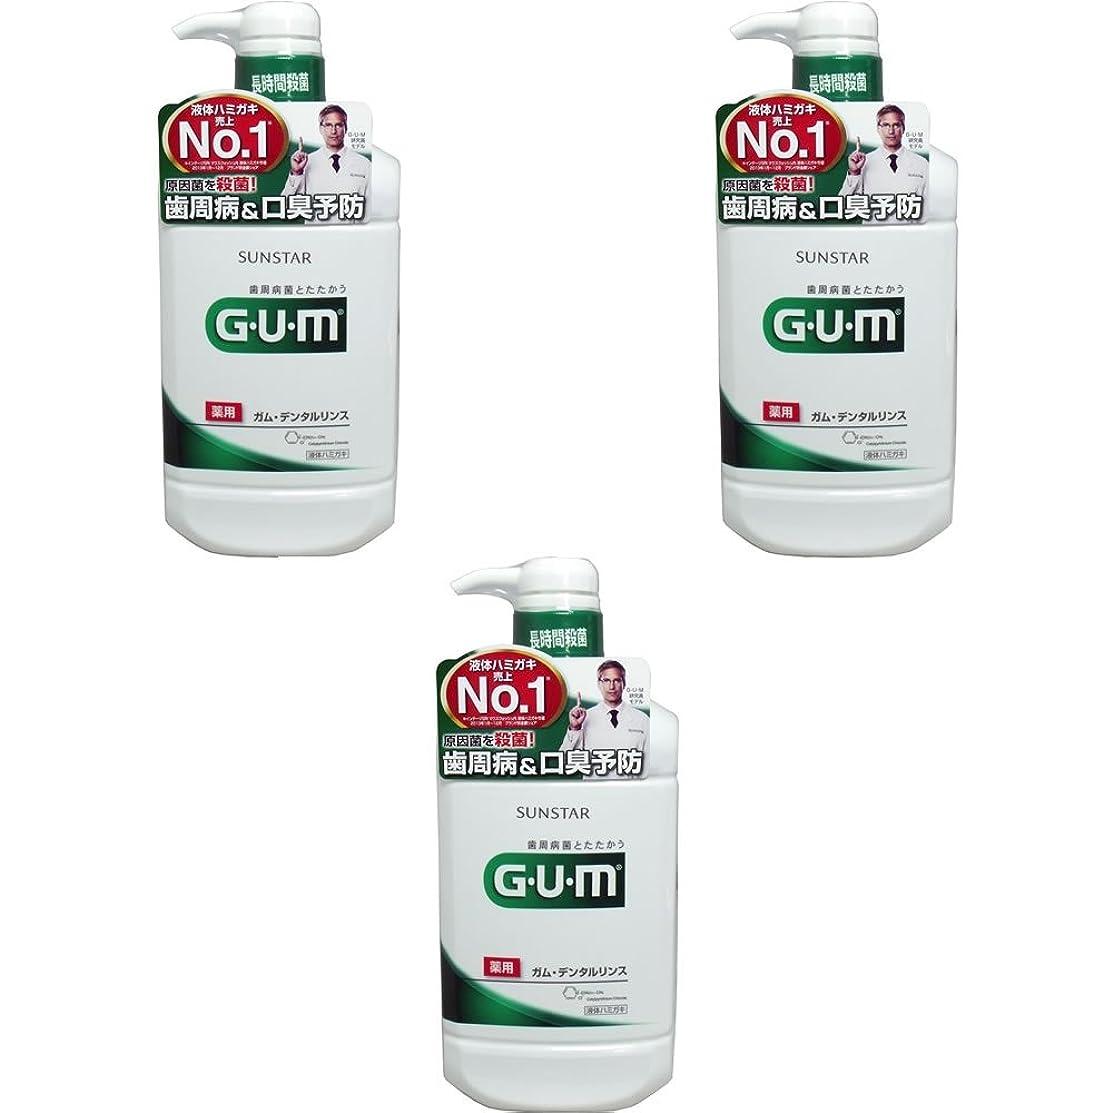 クレデンシャル何かチーズ【セット品】GUM(ガム)?デンタルリンス (レギュラータイプ) 960mL (医薬部外品) 3個